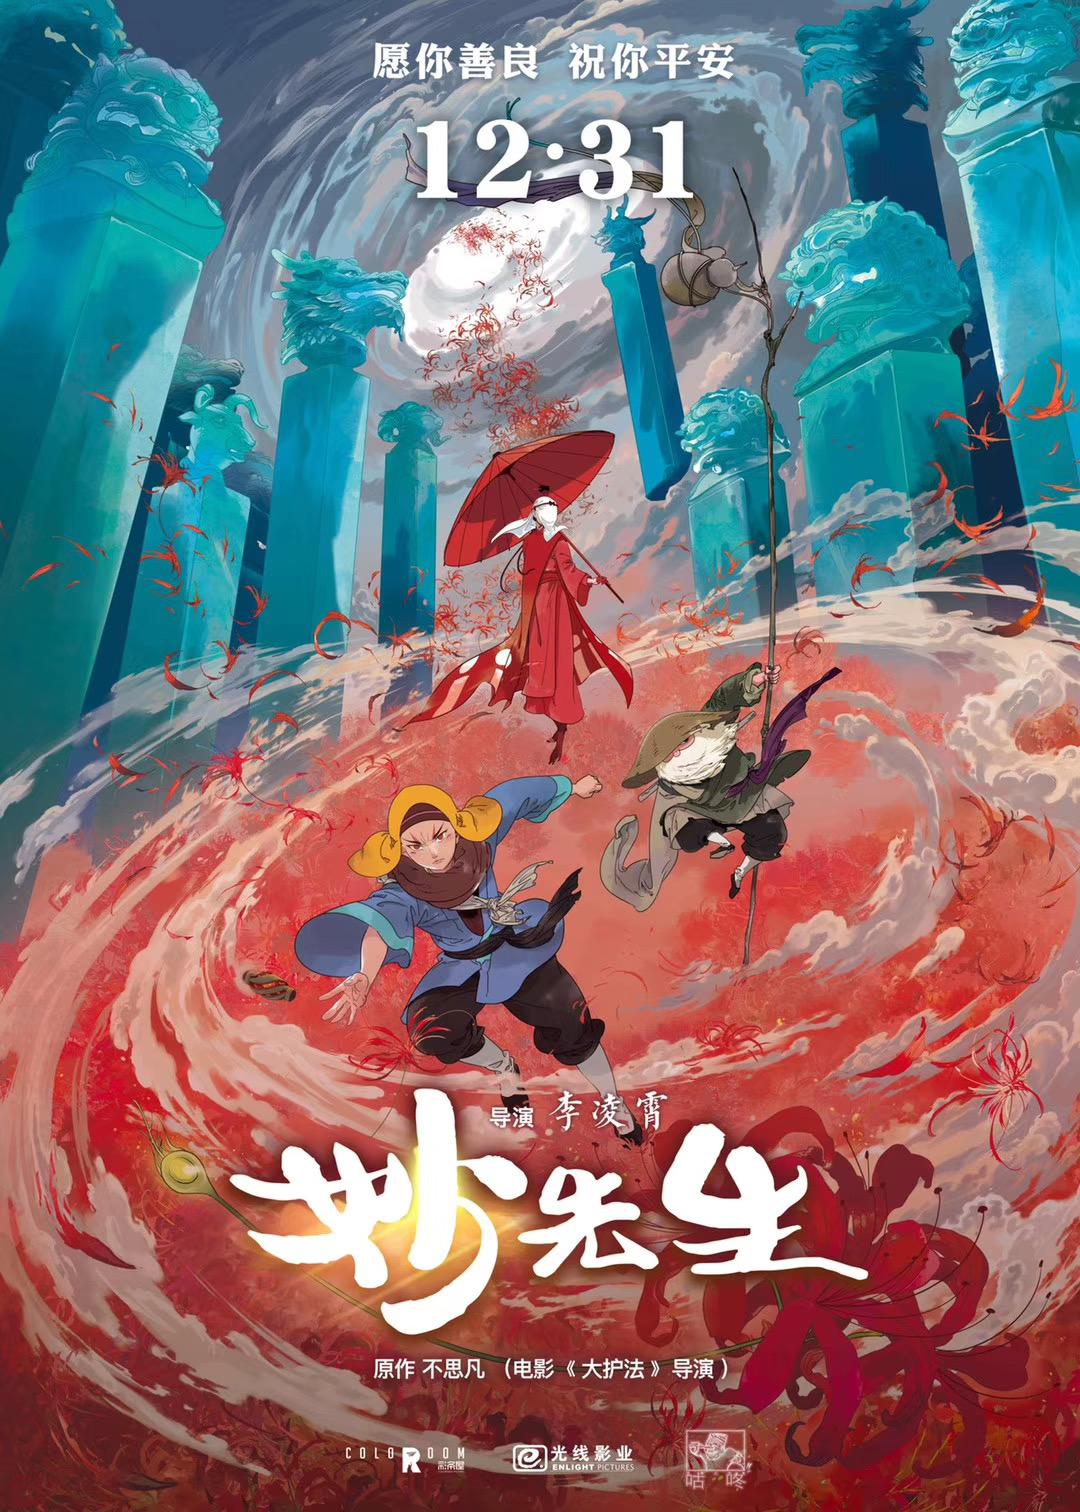 電影《妙先生》定檔12月31日!改編自《大護法》導演不思凡原作